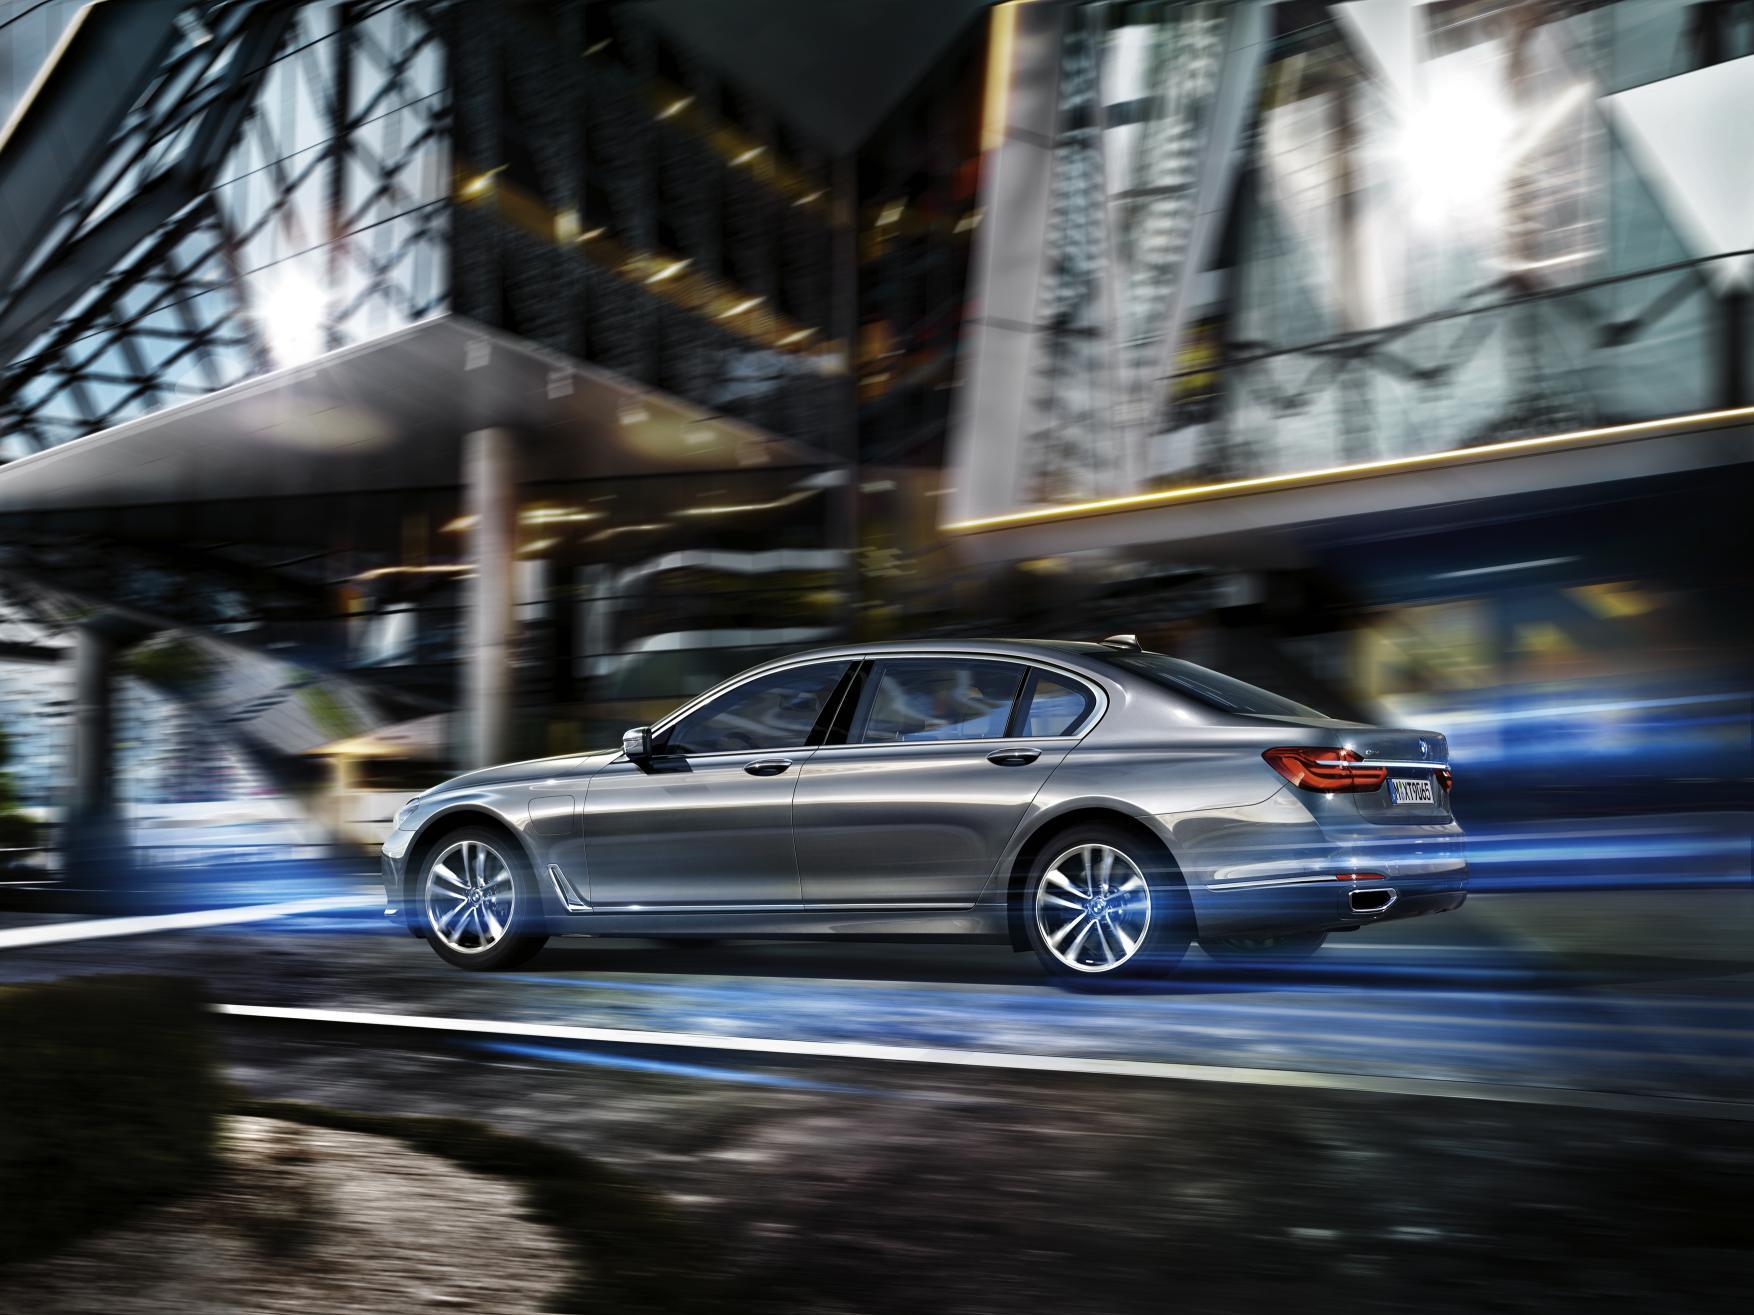 BMW Serie 7 eDrive: La gran berlina de lujo se vuelve híbrida y enchufable 1